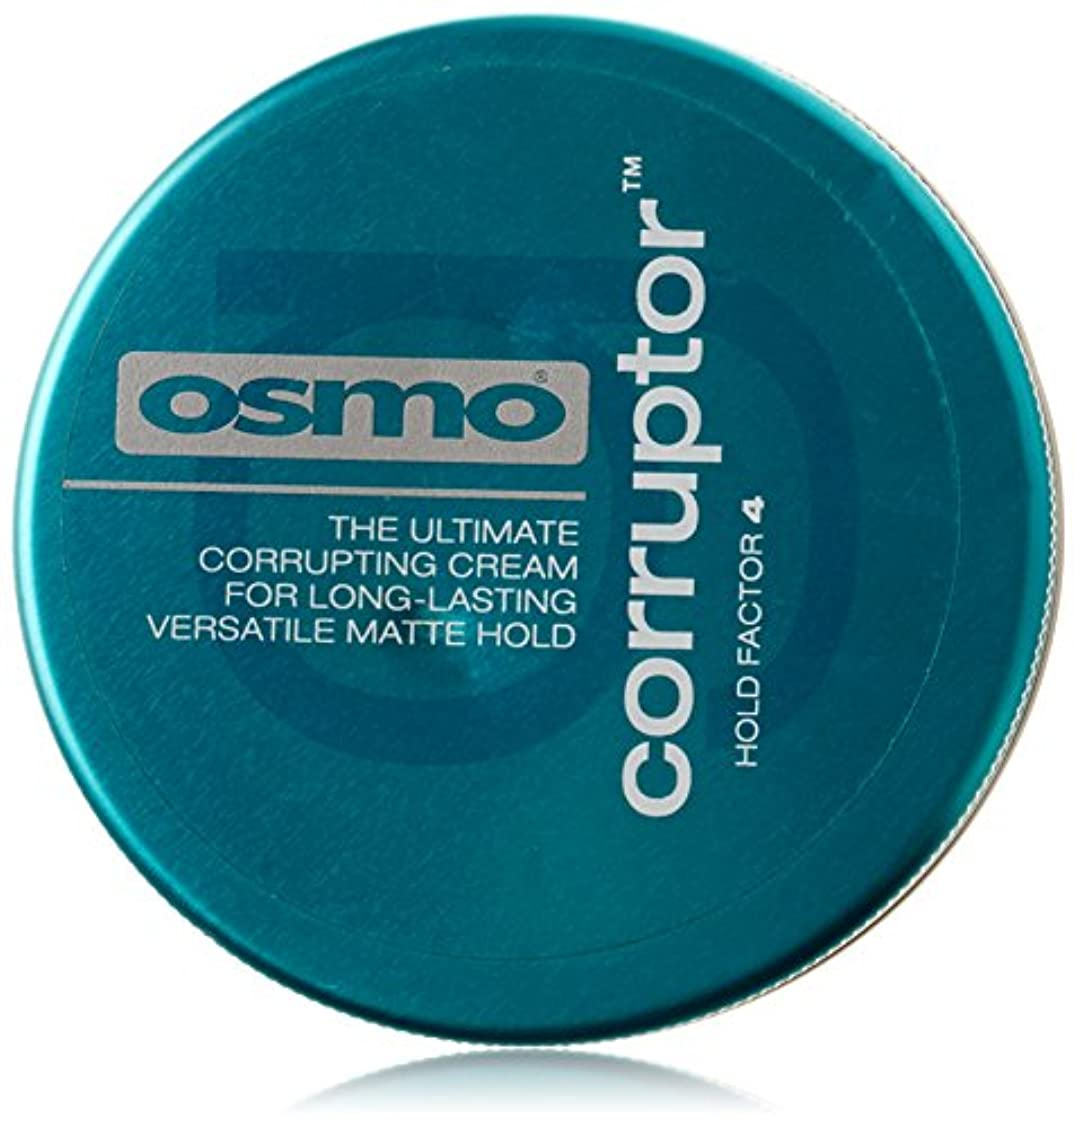 メッセージ千世界の窓アレス OSMO ヘアワックス コラプター 100g